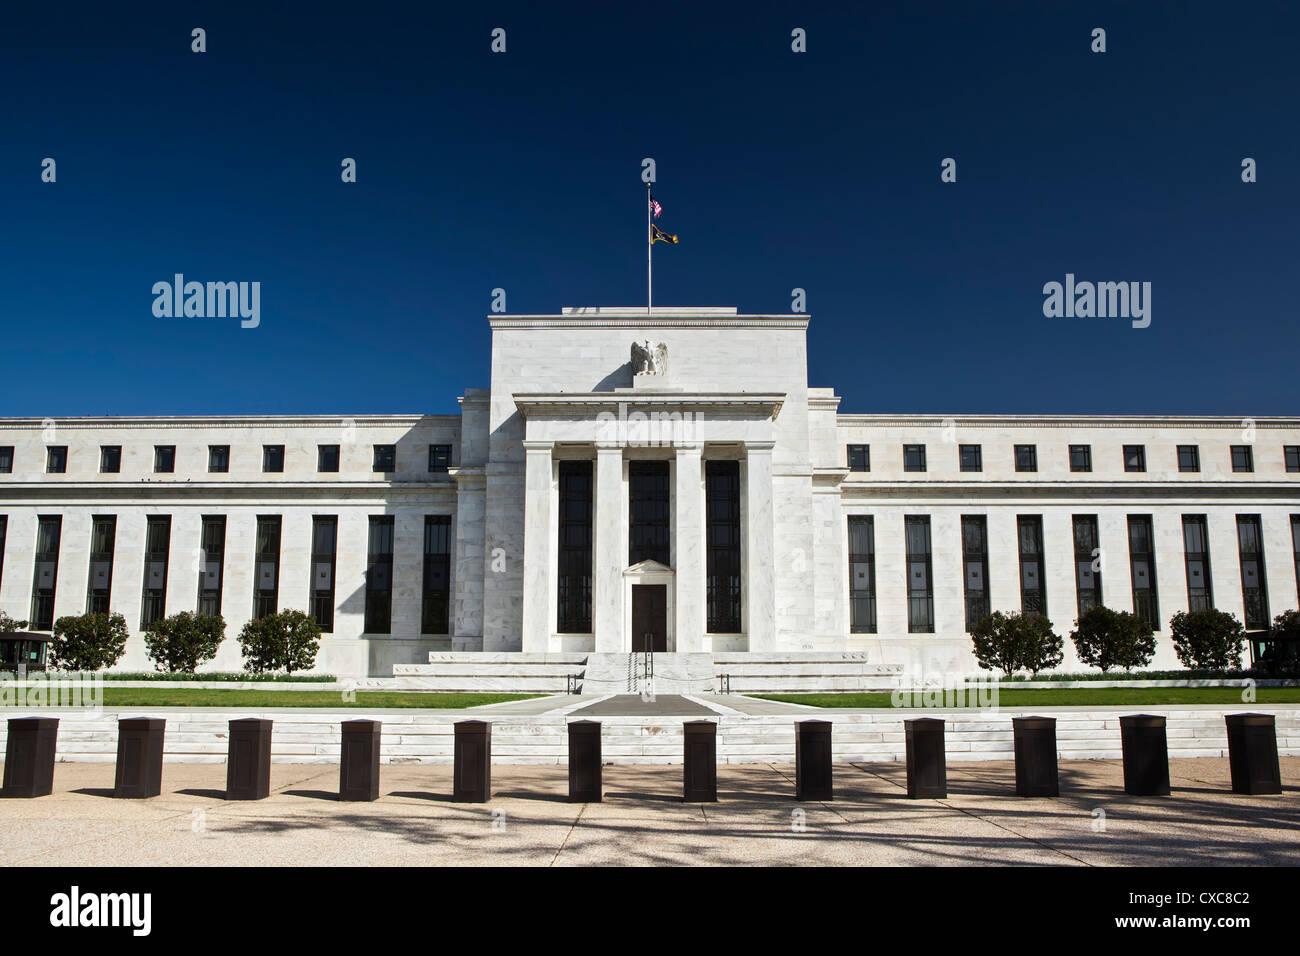 Die United States Federal Reserve Building, Washington D.C., Vereinigte Staaten von Amerika, Nordamerika Stockbild